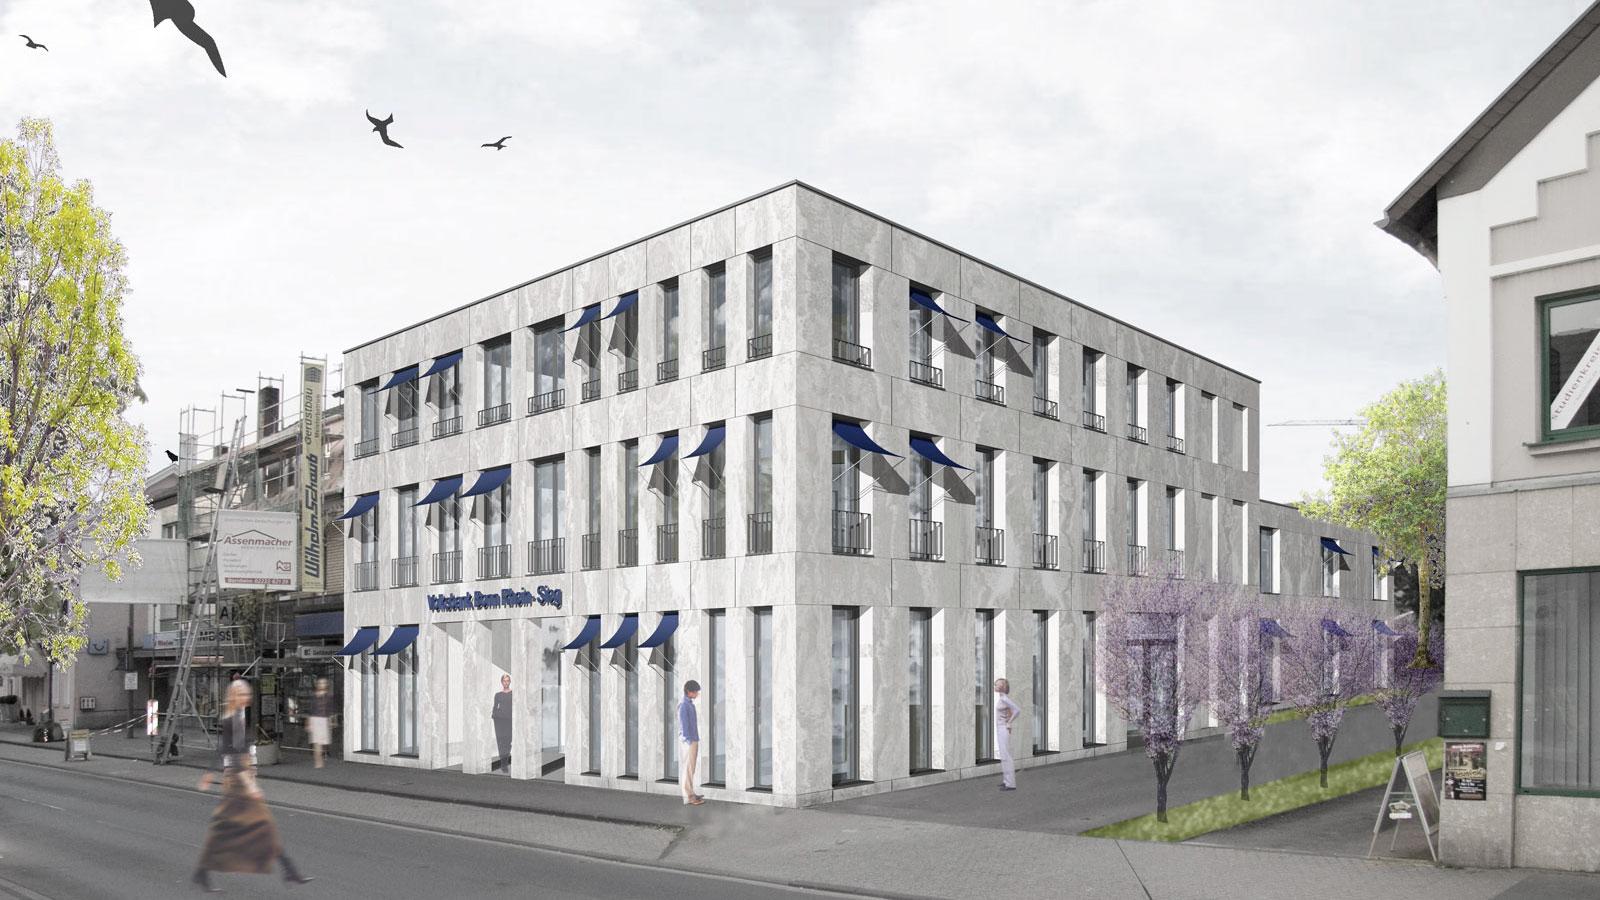 Volksbank und Wohnen Bornheim, Architekt Bonn Energetische Modernisierung Volksbank, Koenigs Rütter Architket